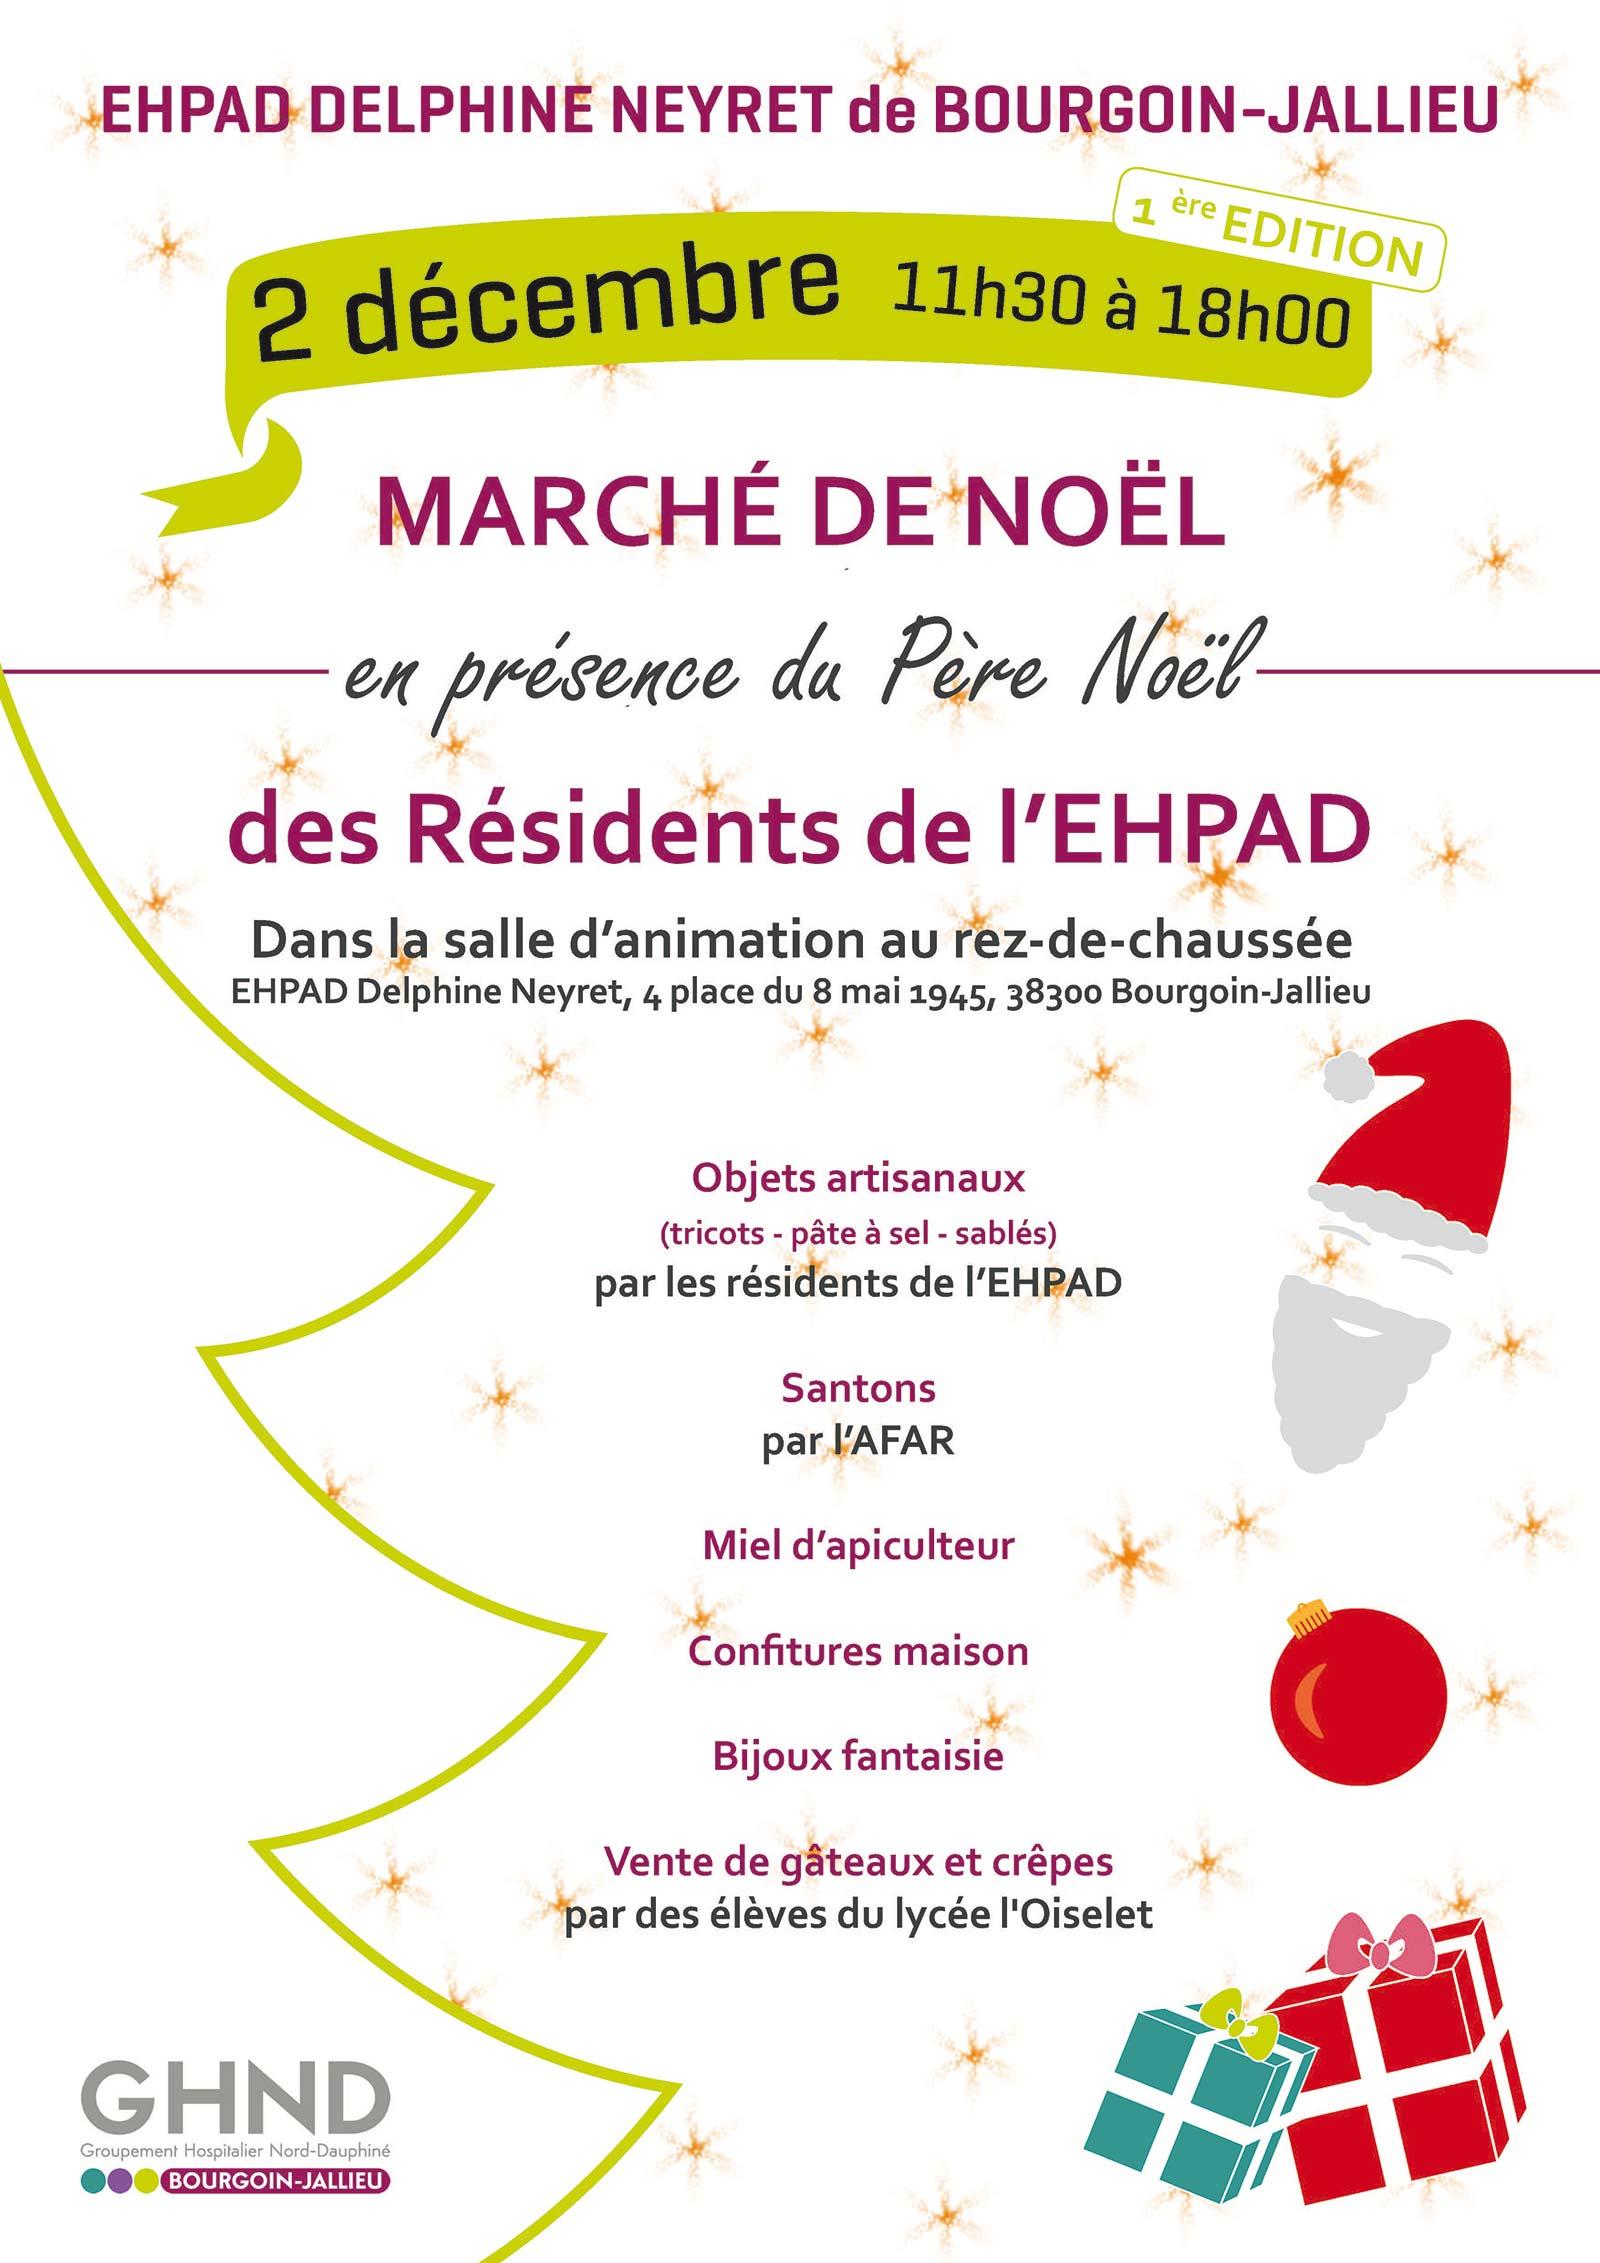 Affiche marché de Noël EHPAD Delphine Neyret 2017